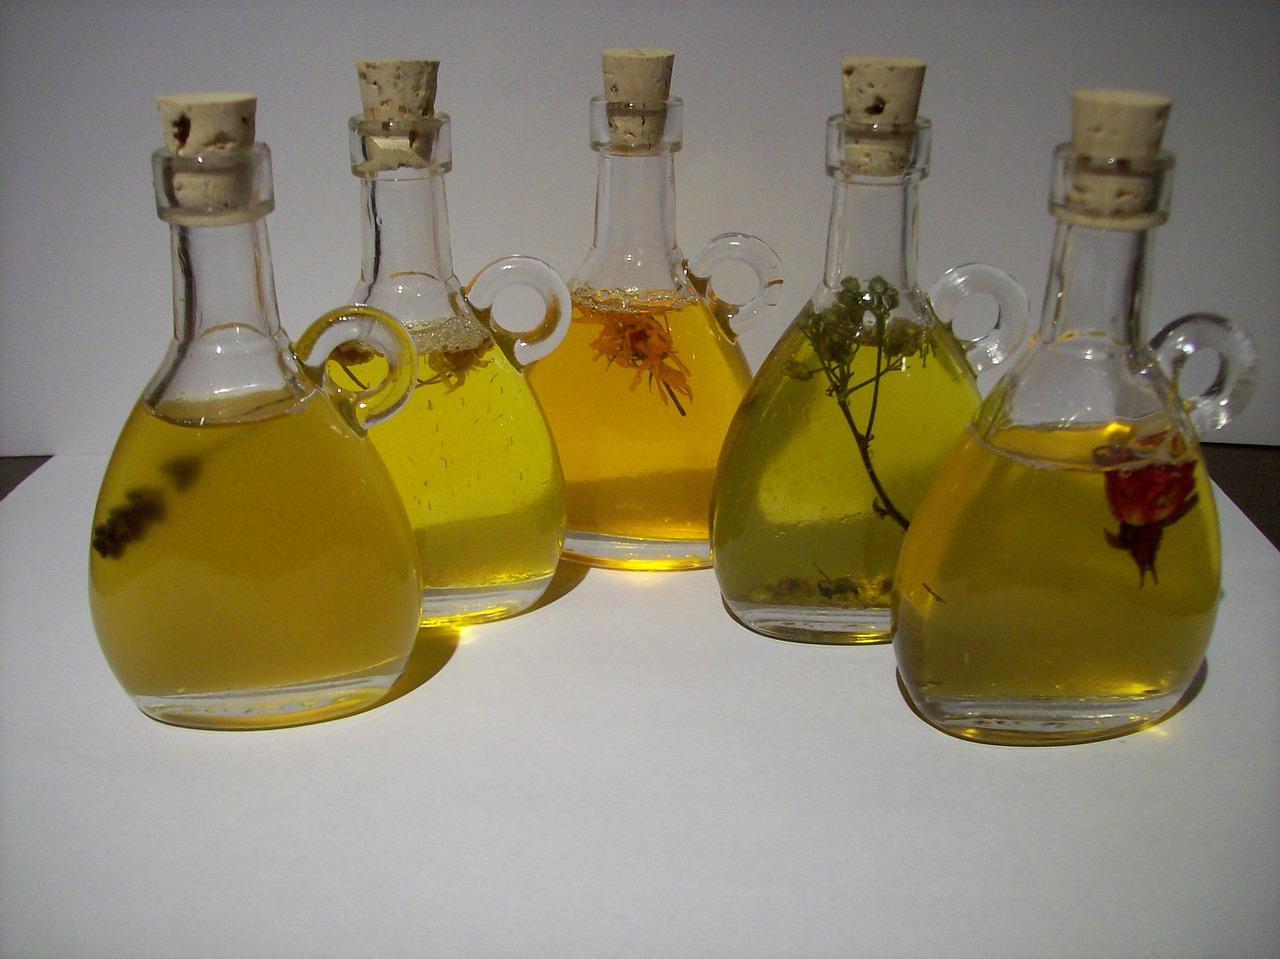 oils-740177_1280.jpg